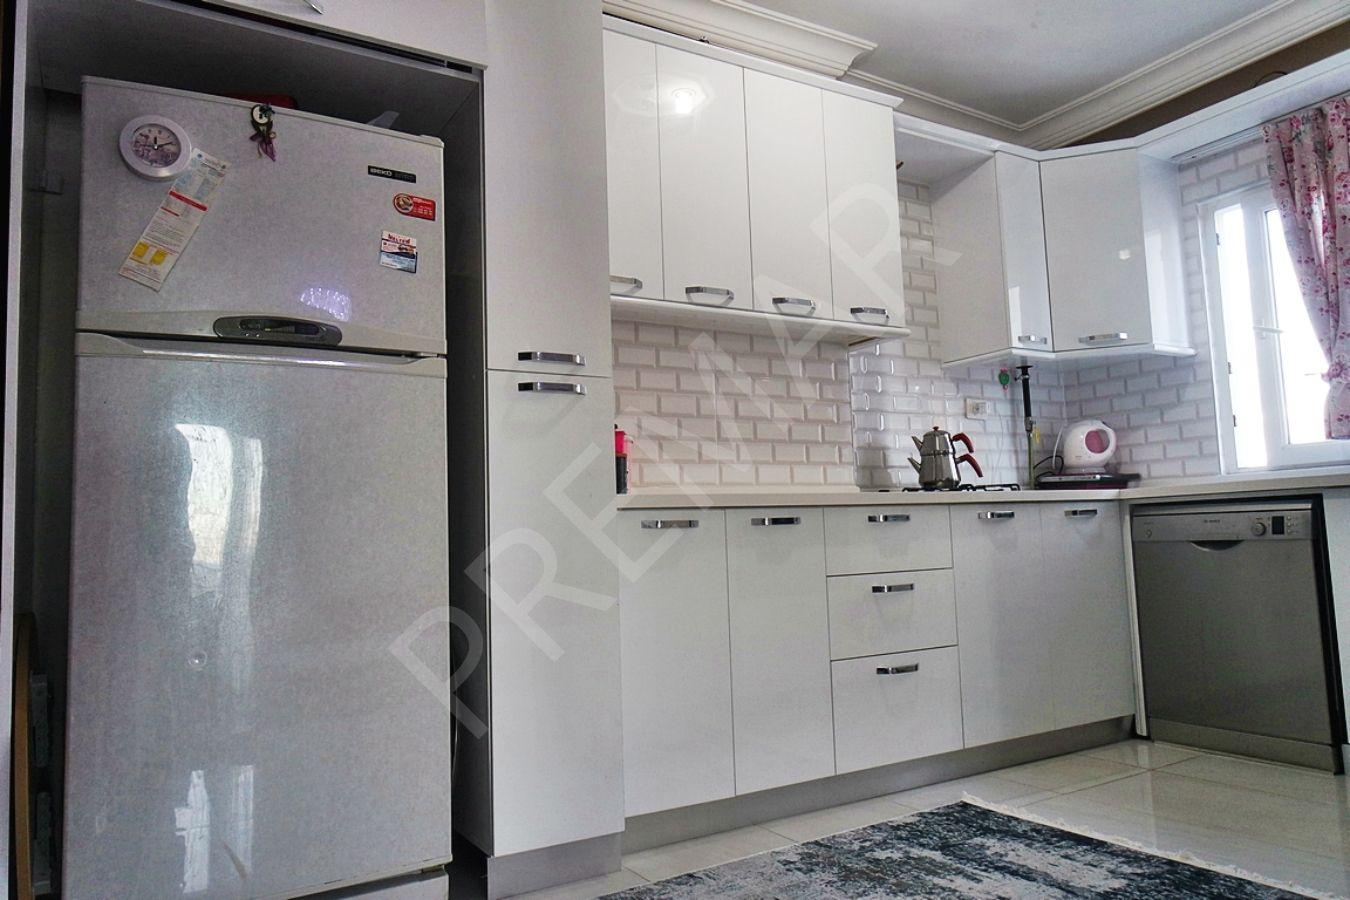 Fa Emlak'tan Forum Avm Yanı D.gazlı Site İçi 3+1 Kiralık Daire!